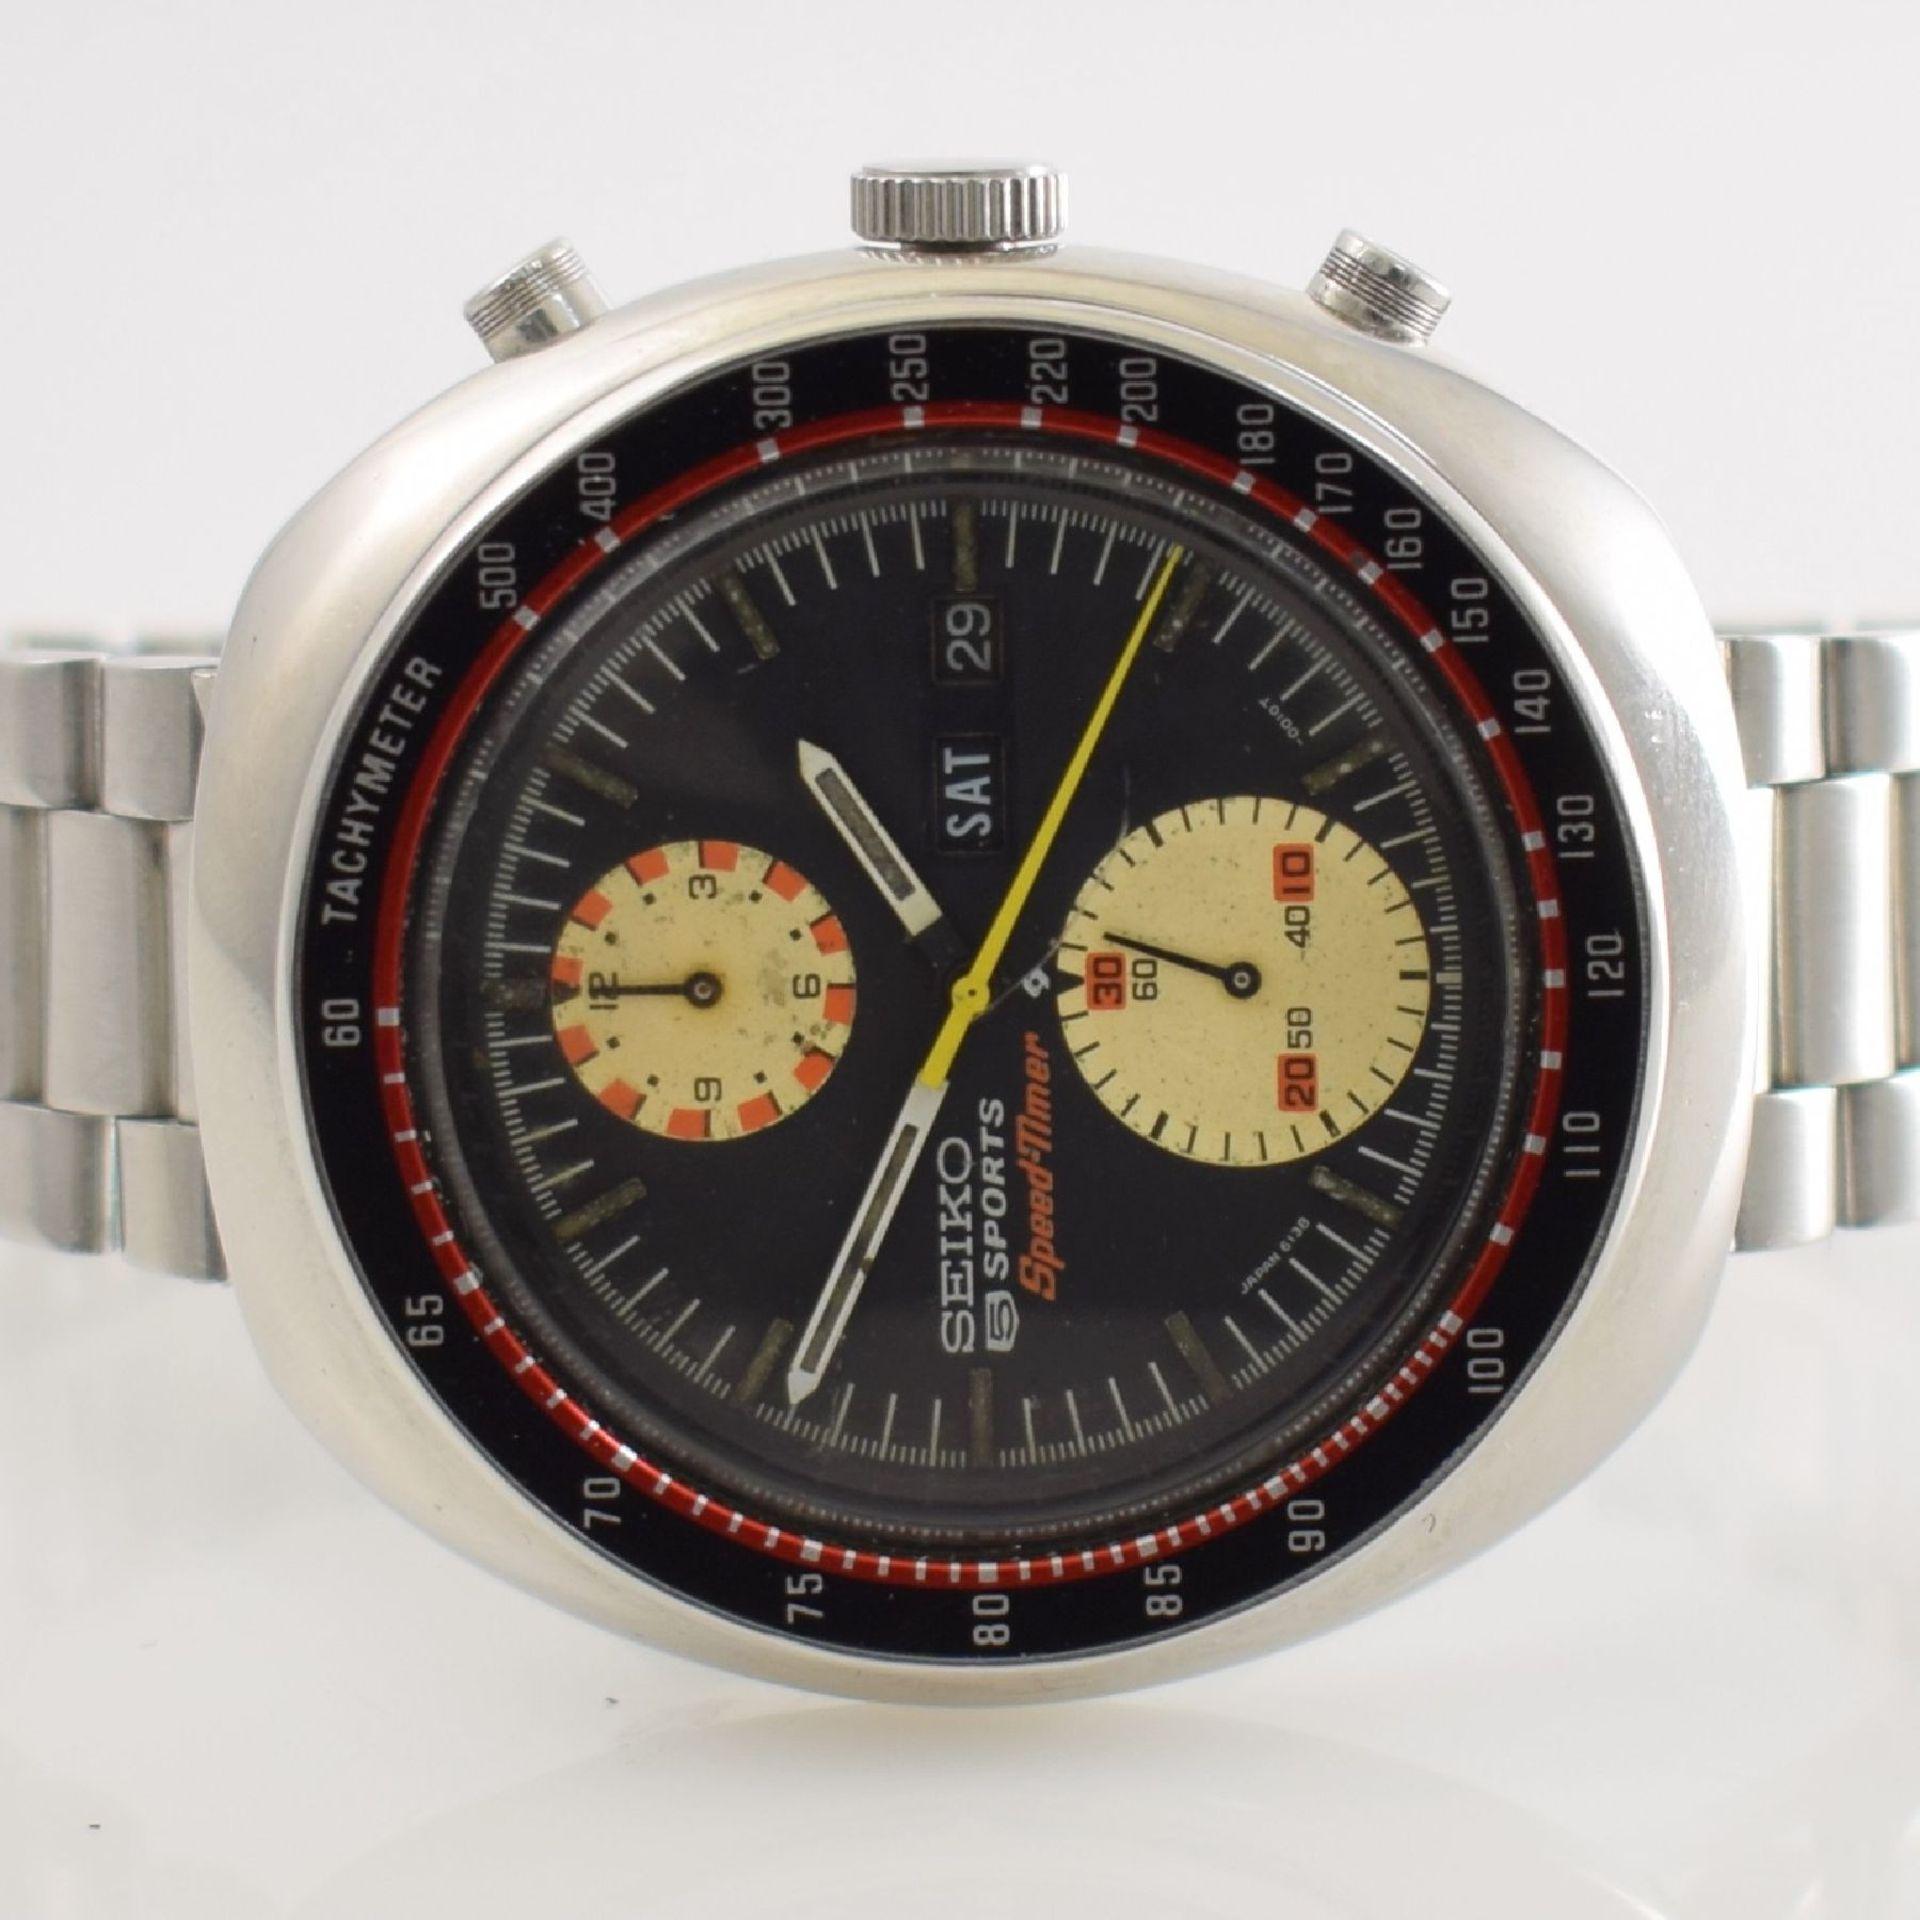 SEIKO 5 Sports Schaltradchronograph Speed-Timer, Automatik, Japan für den dtsch. Markt um 1970, Ref. - Bild 2 aus 8